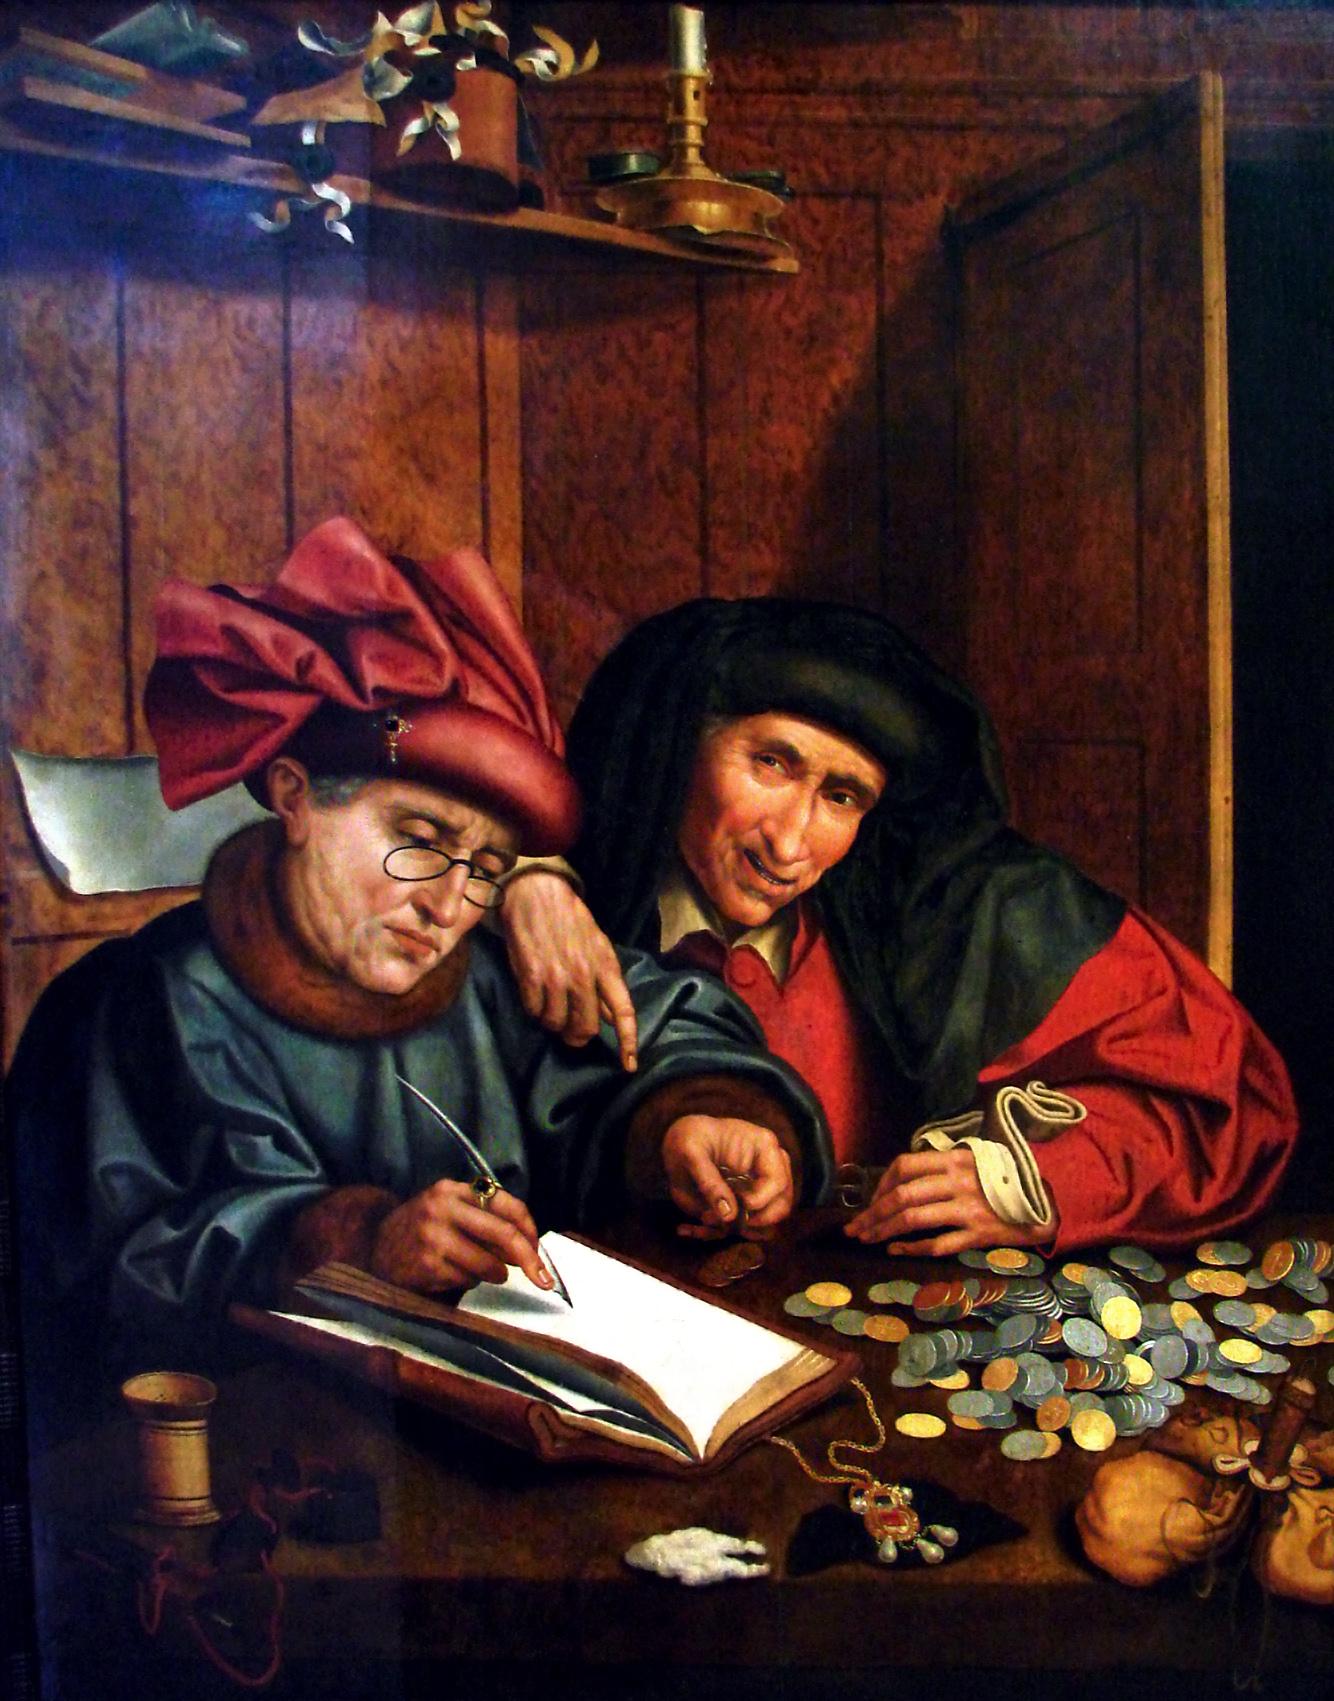 Les compteurs d'argent Nancy 3018.jpg